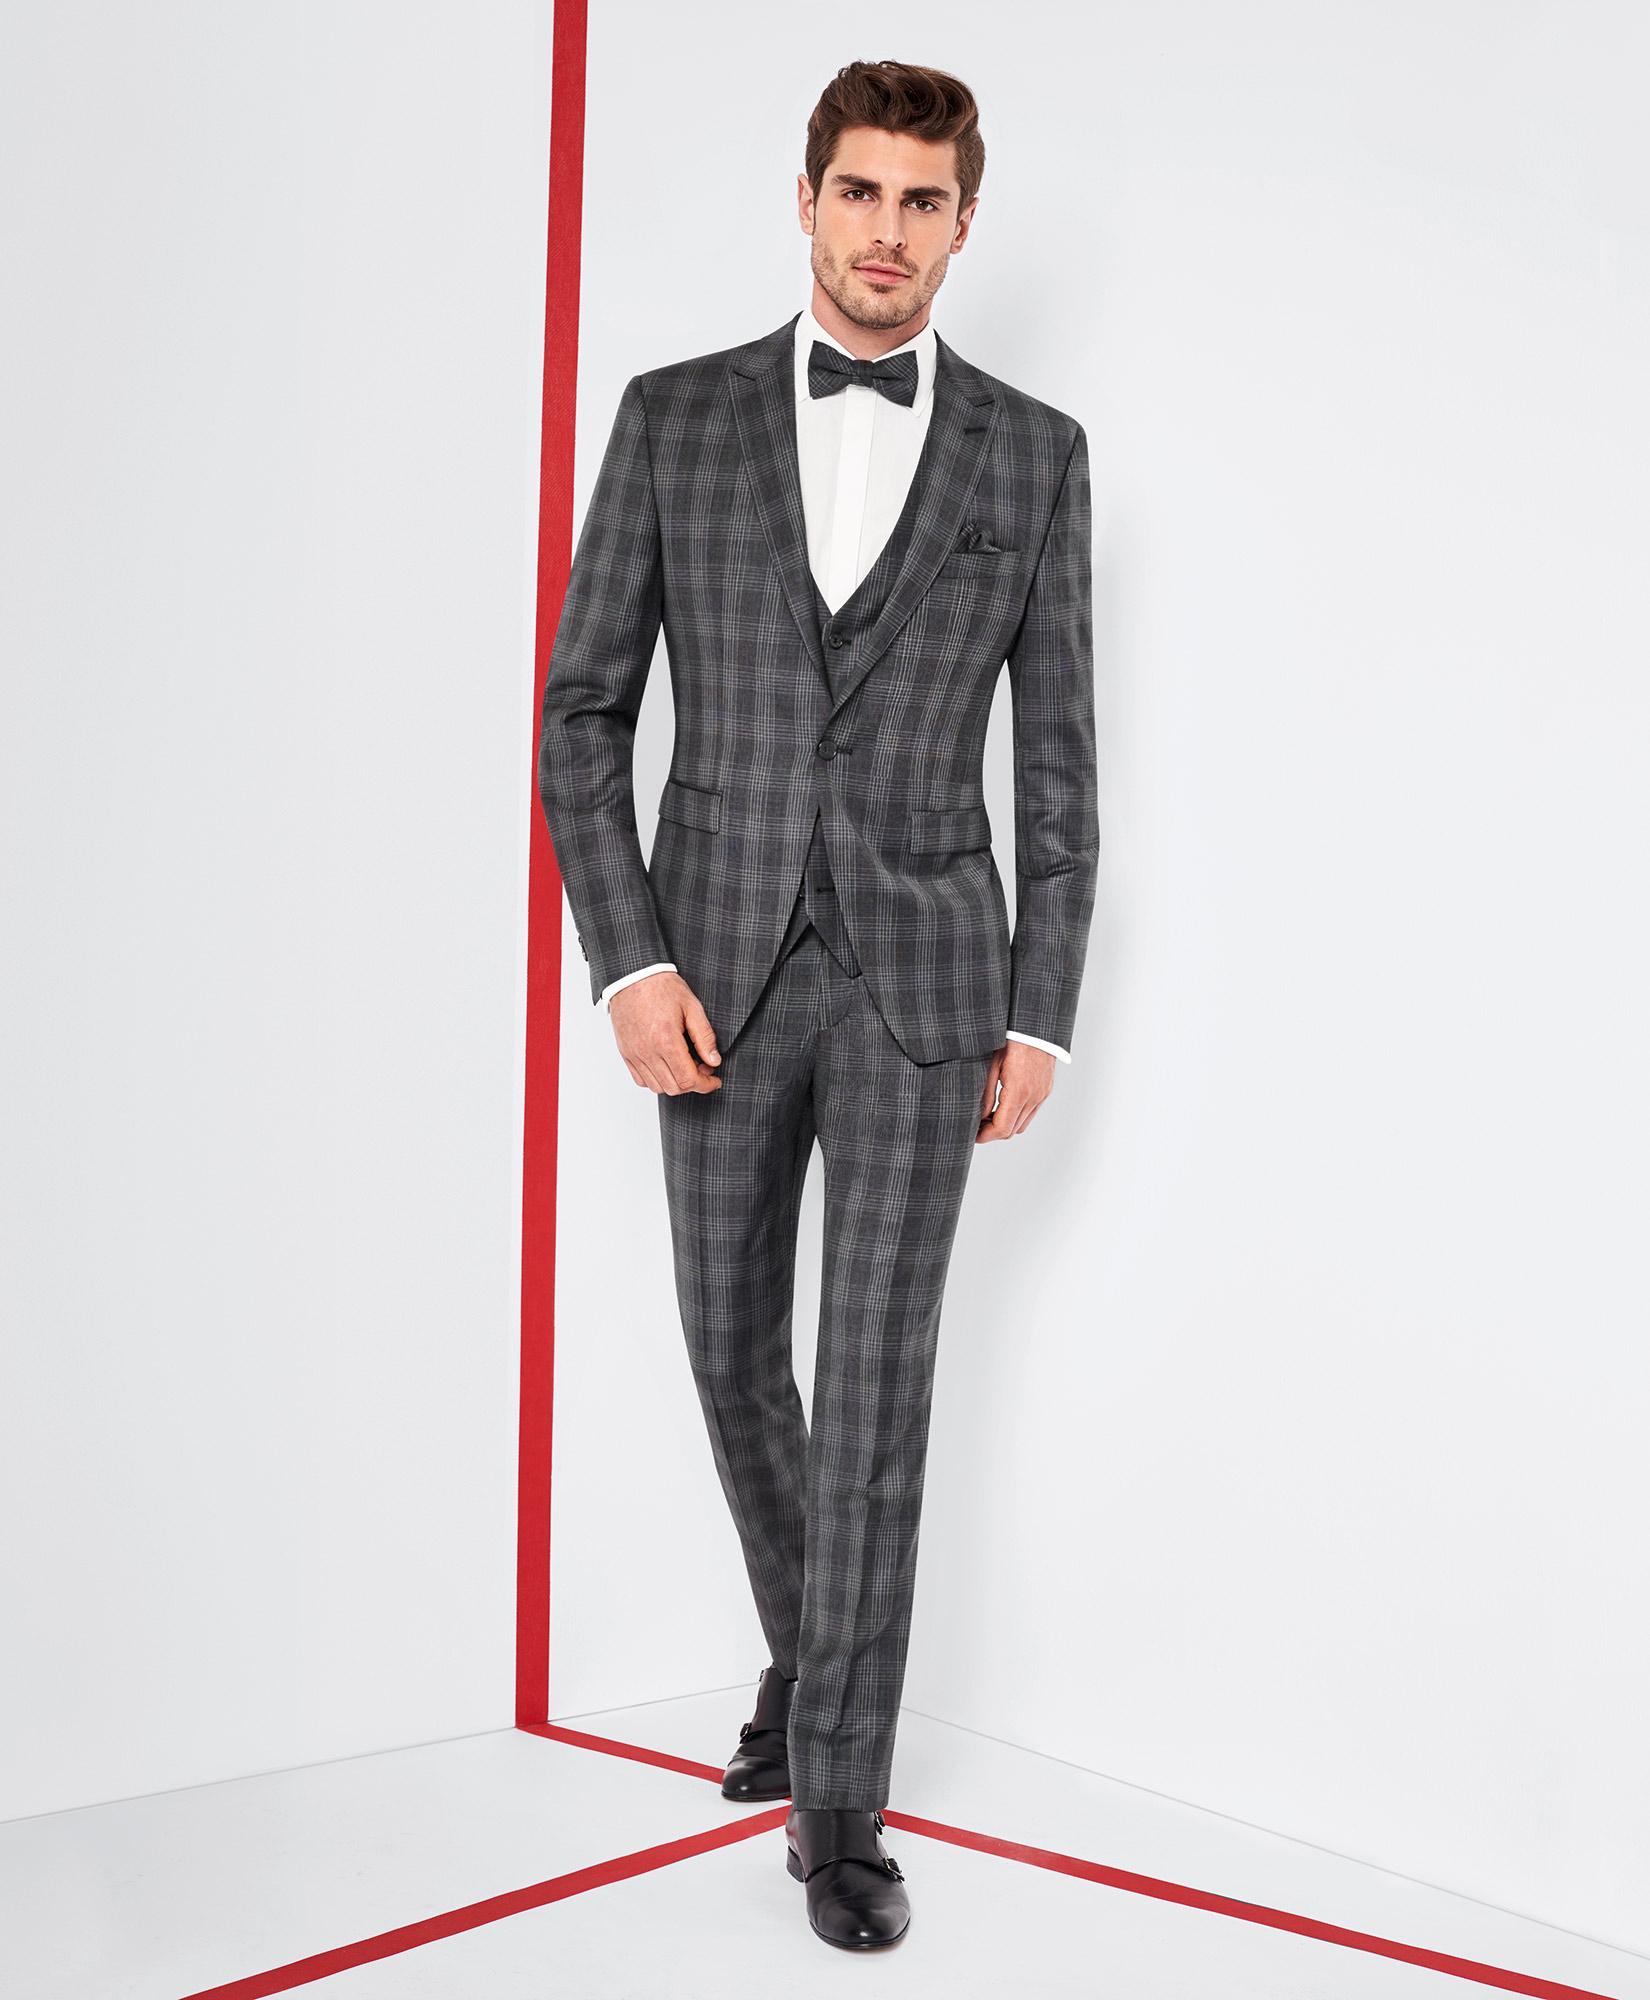 Tziacco Dark Grey Prince of Wales Check 3 Piece Wedding Suit - Tom ...